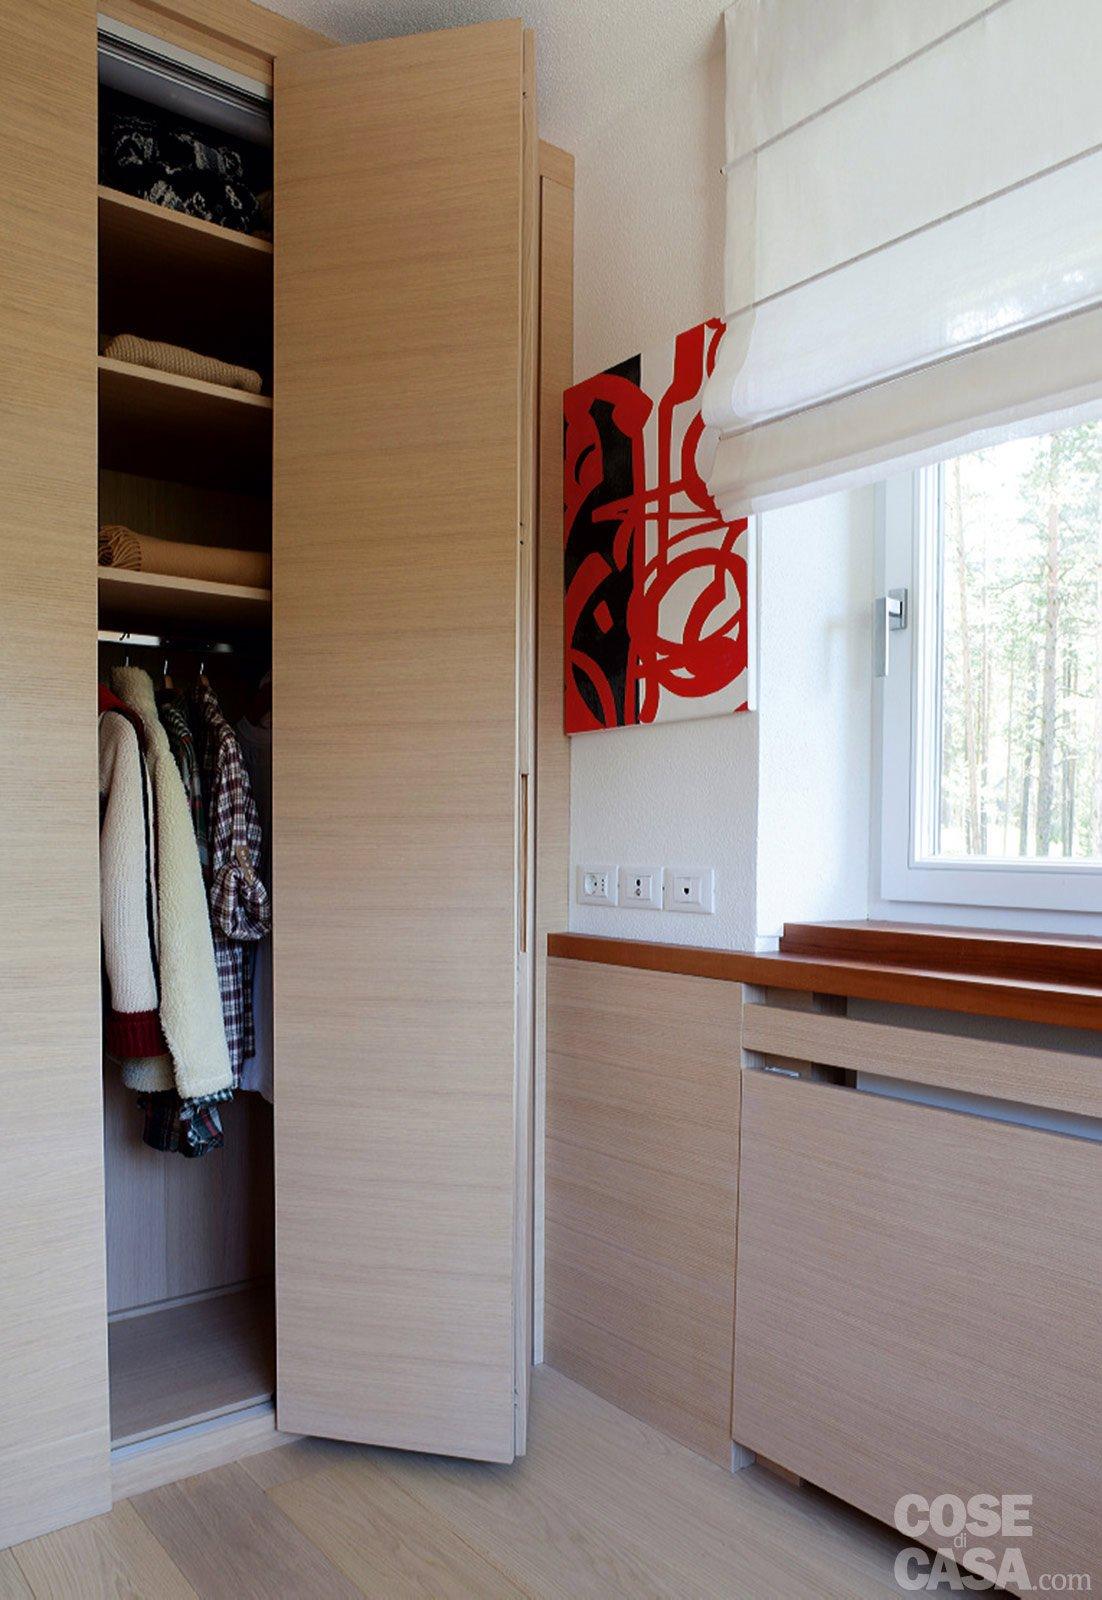 57 mq una casa con stanze trasformabili cose di casa - Panca sotto finestra ...